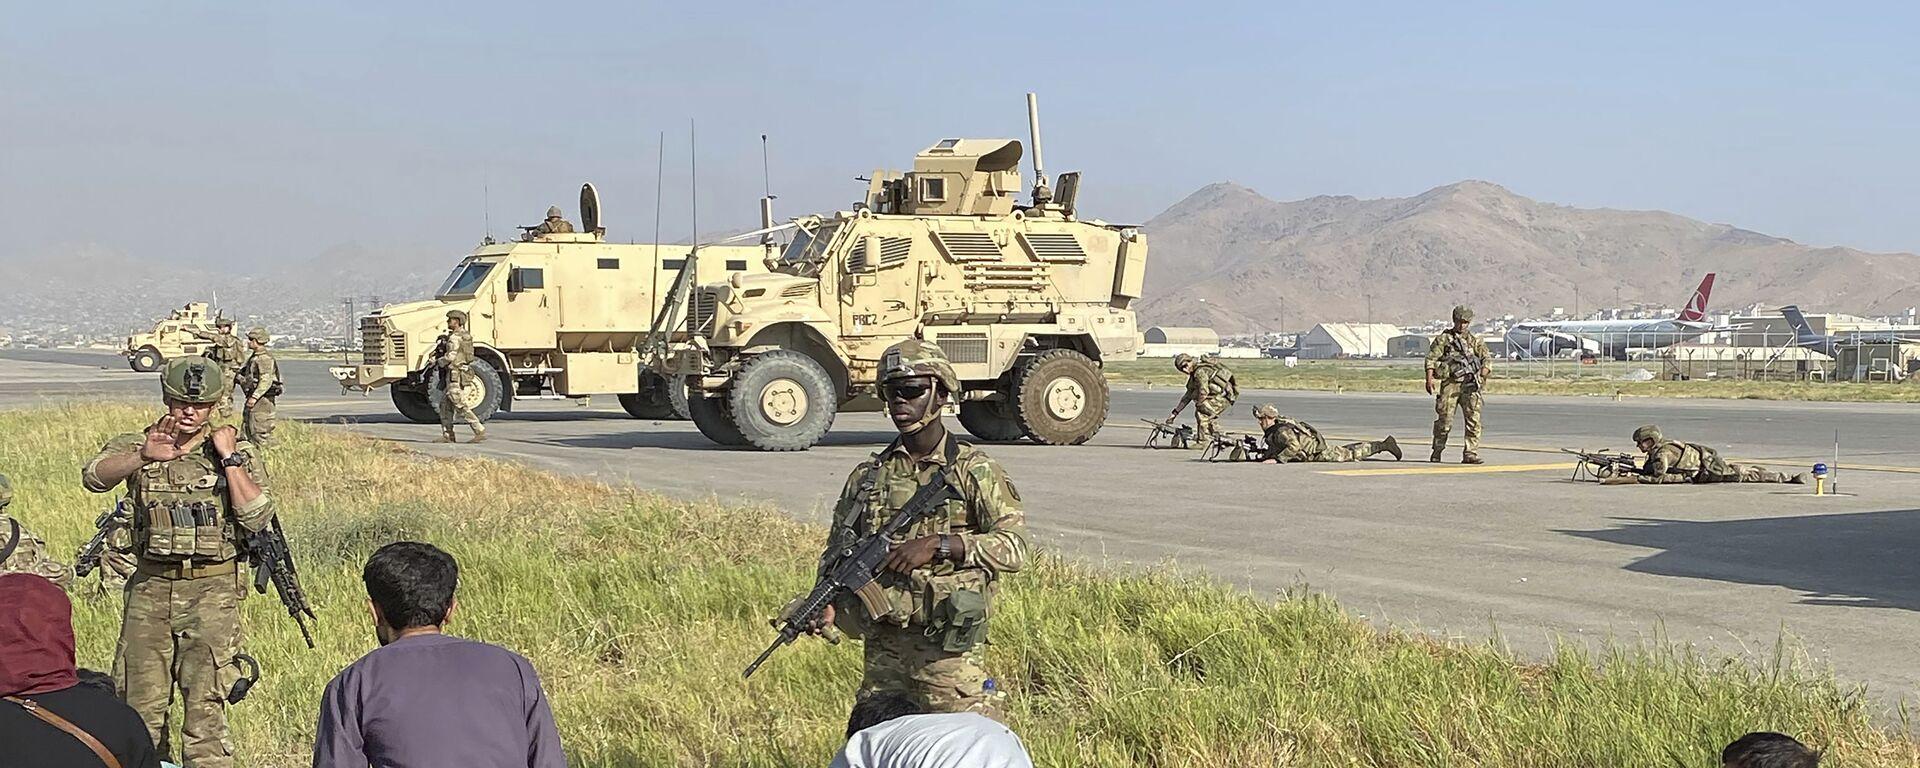 Американские солдаты охраняют международный аэропорт Кабула, Афганистан - Sputnik Грузия, 1920, 17.08.2021